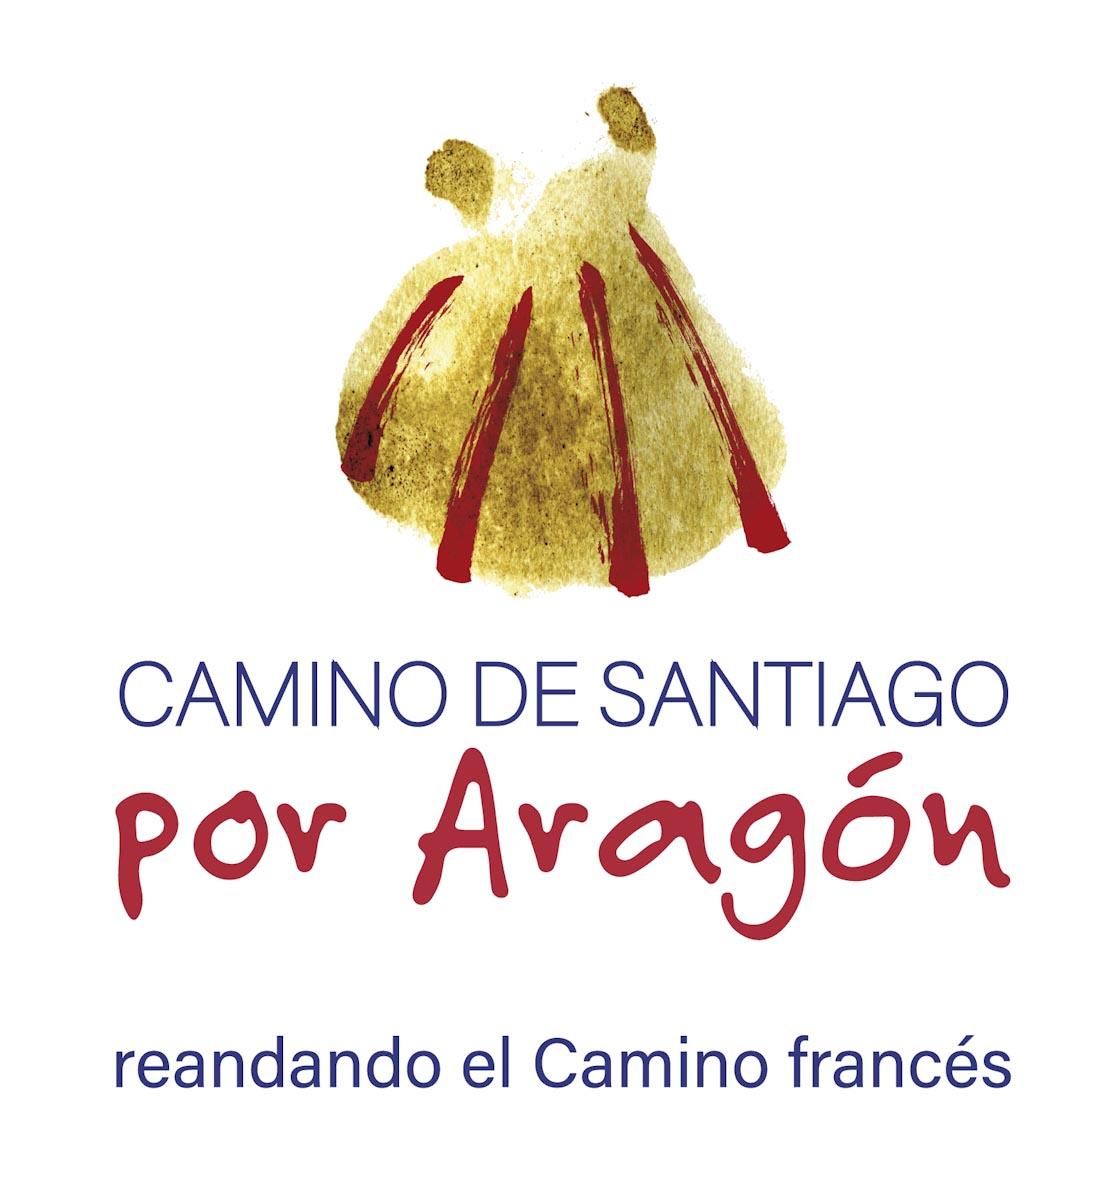 Marca Camino de Santiago francés por Aragón